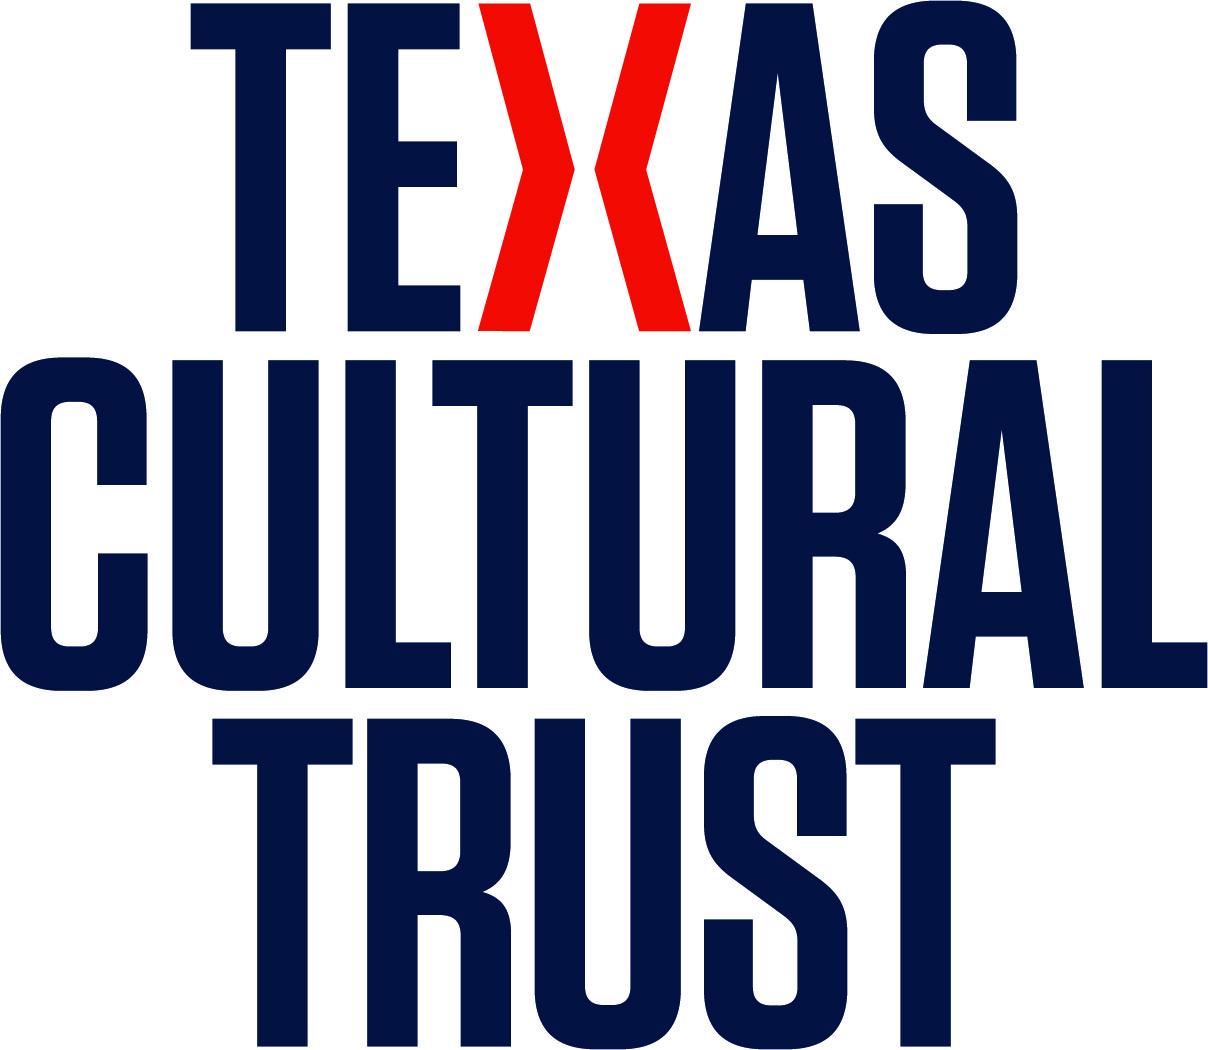 Texas Cultural Trust